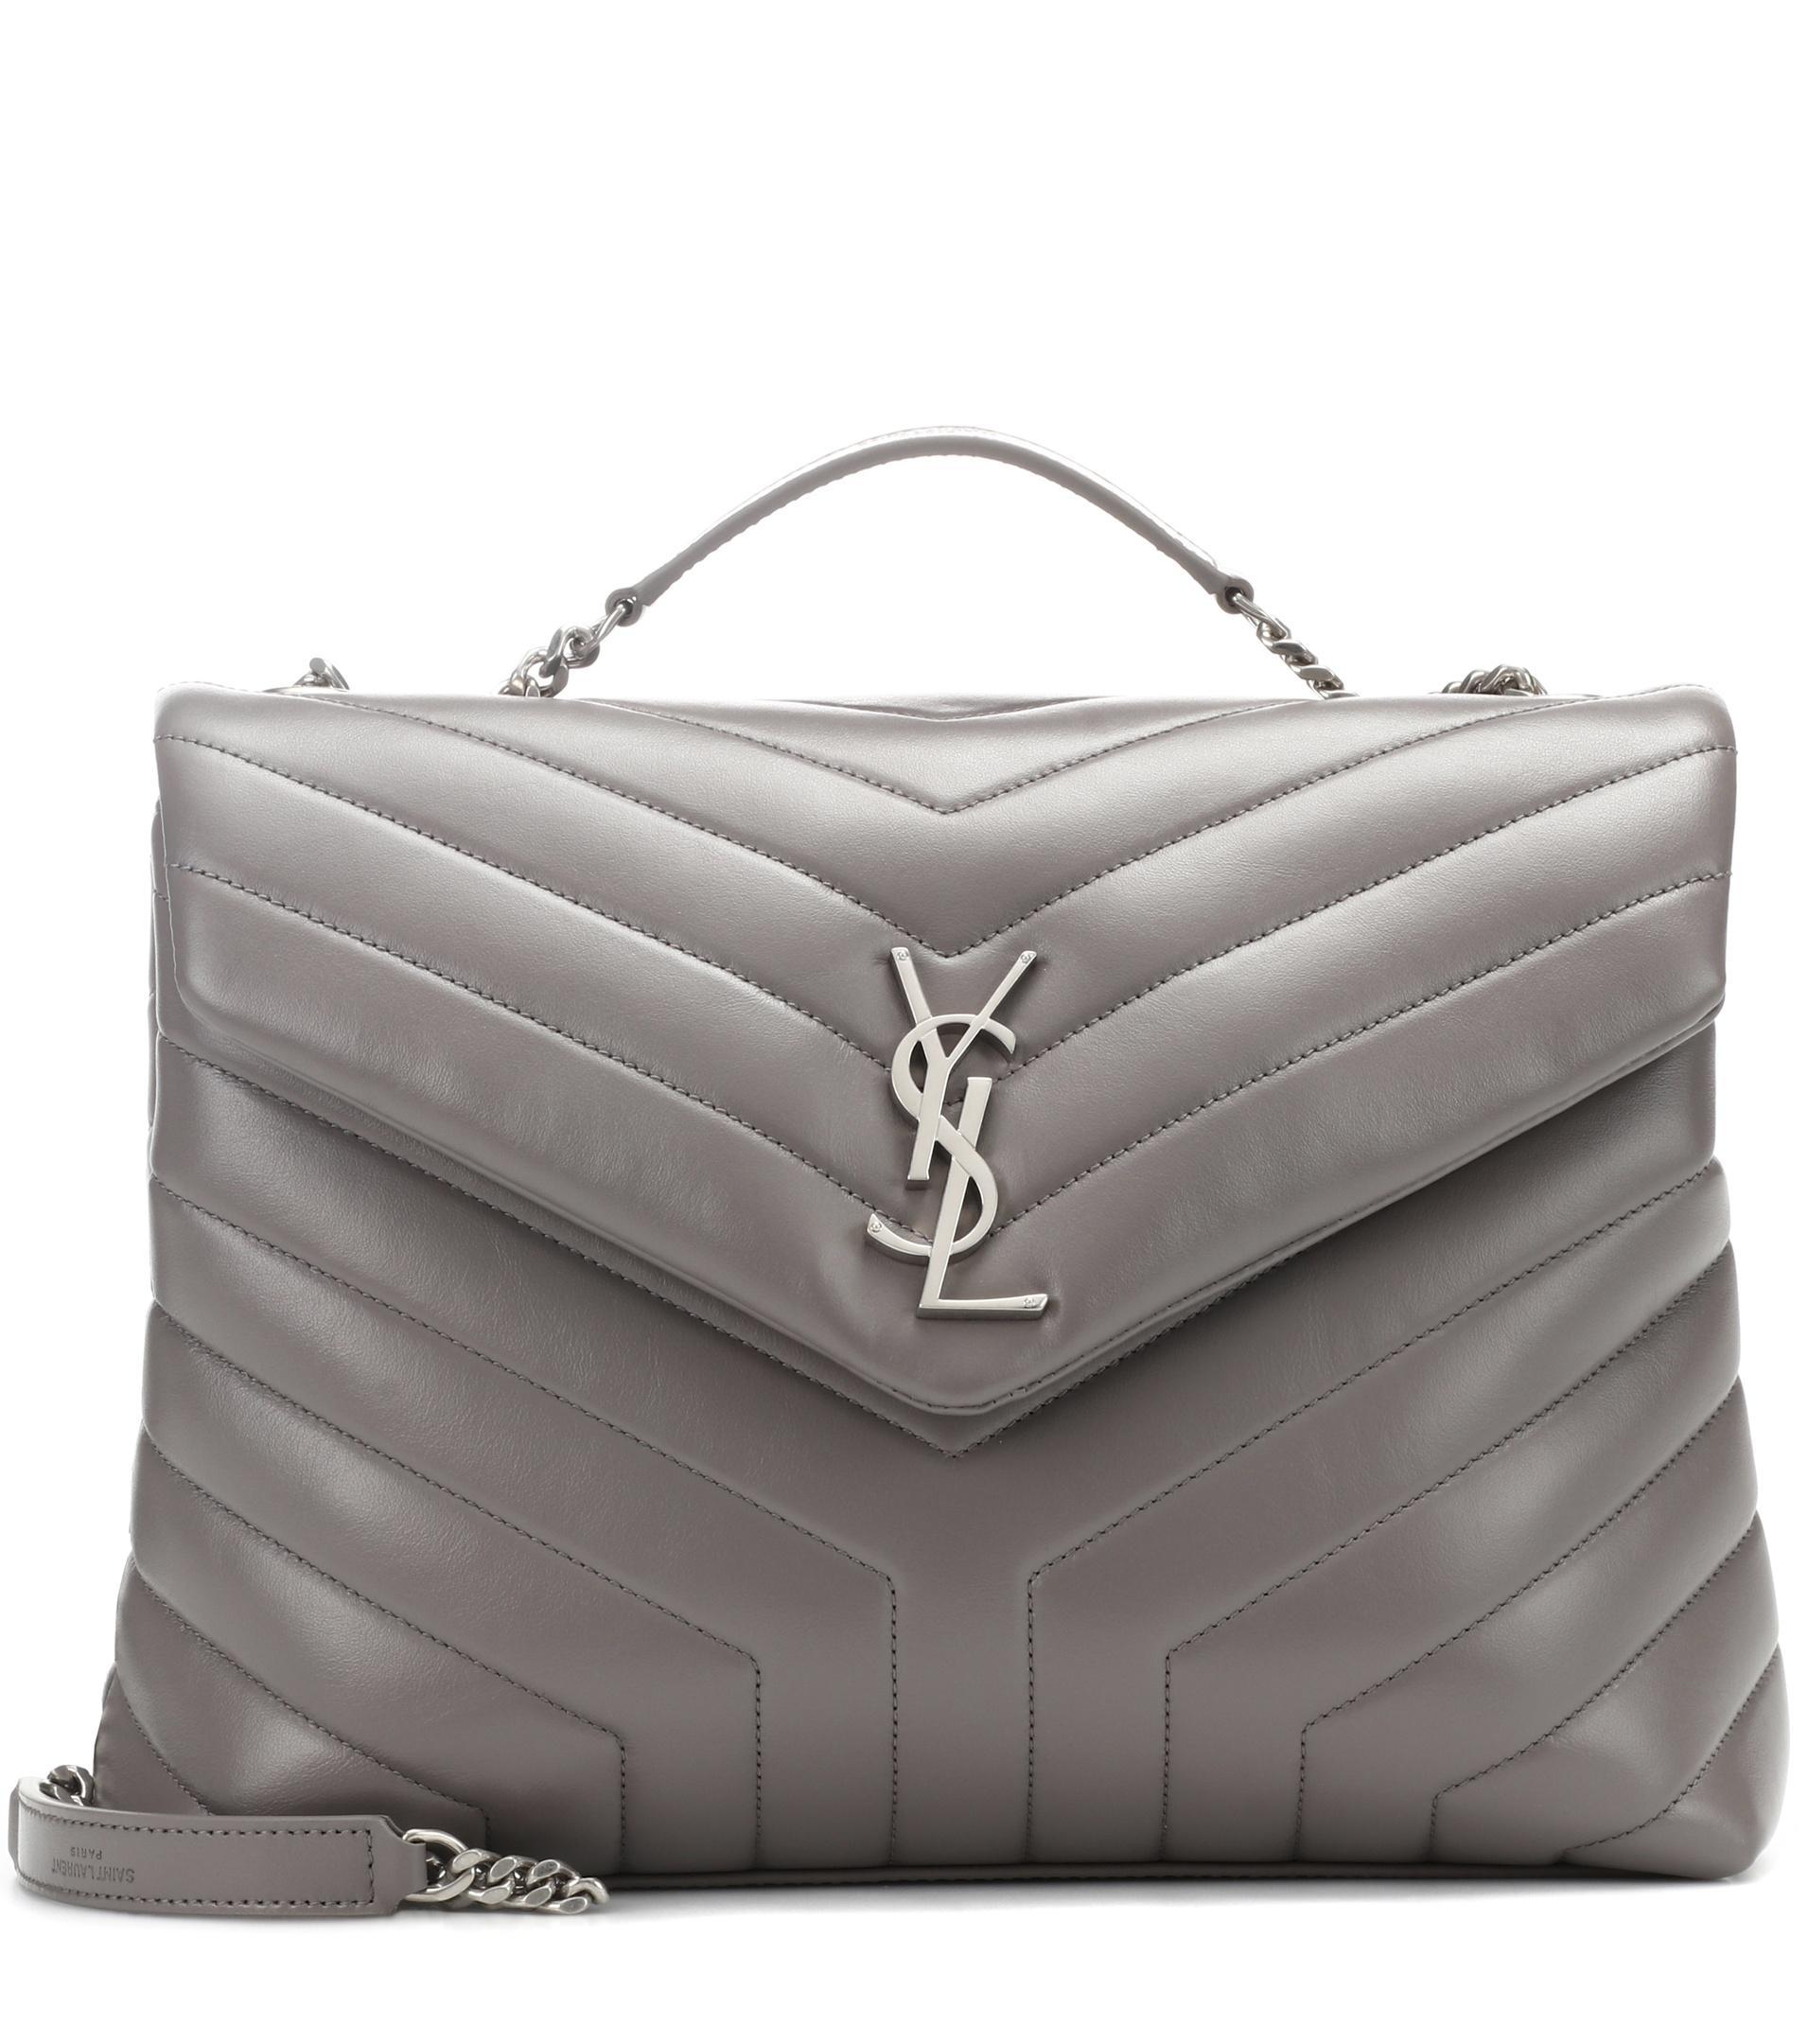 5369f5c781 Lyst - Saint Laurent Medium Loulou Monogram Shoulder Bag in Gray